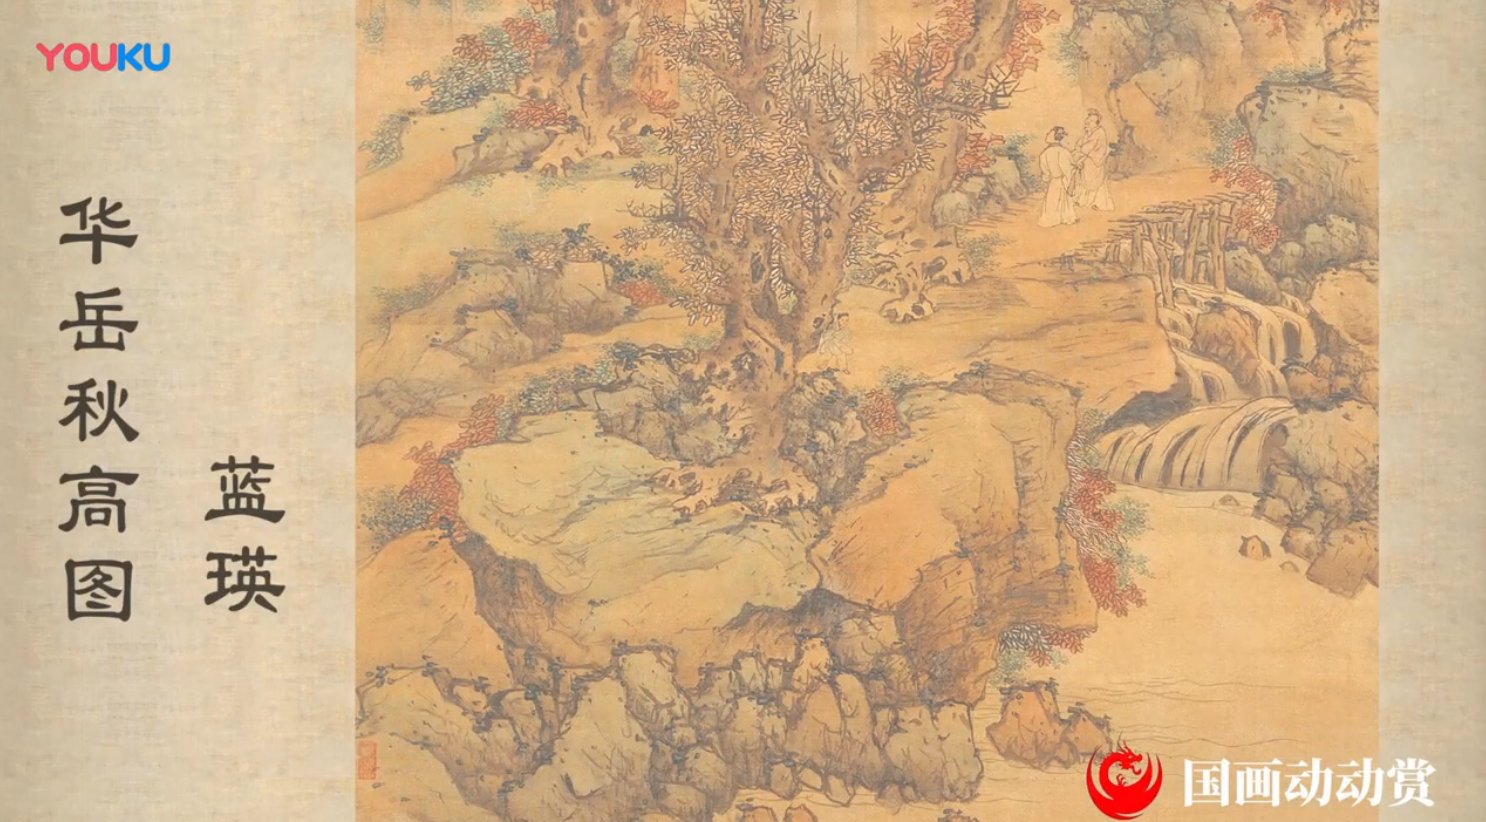 古代华山其实比现在美,看传世绘画国宝所书画的深秋景色